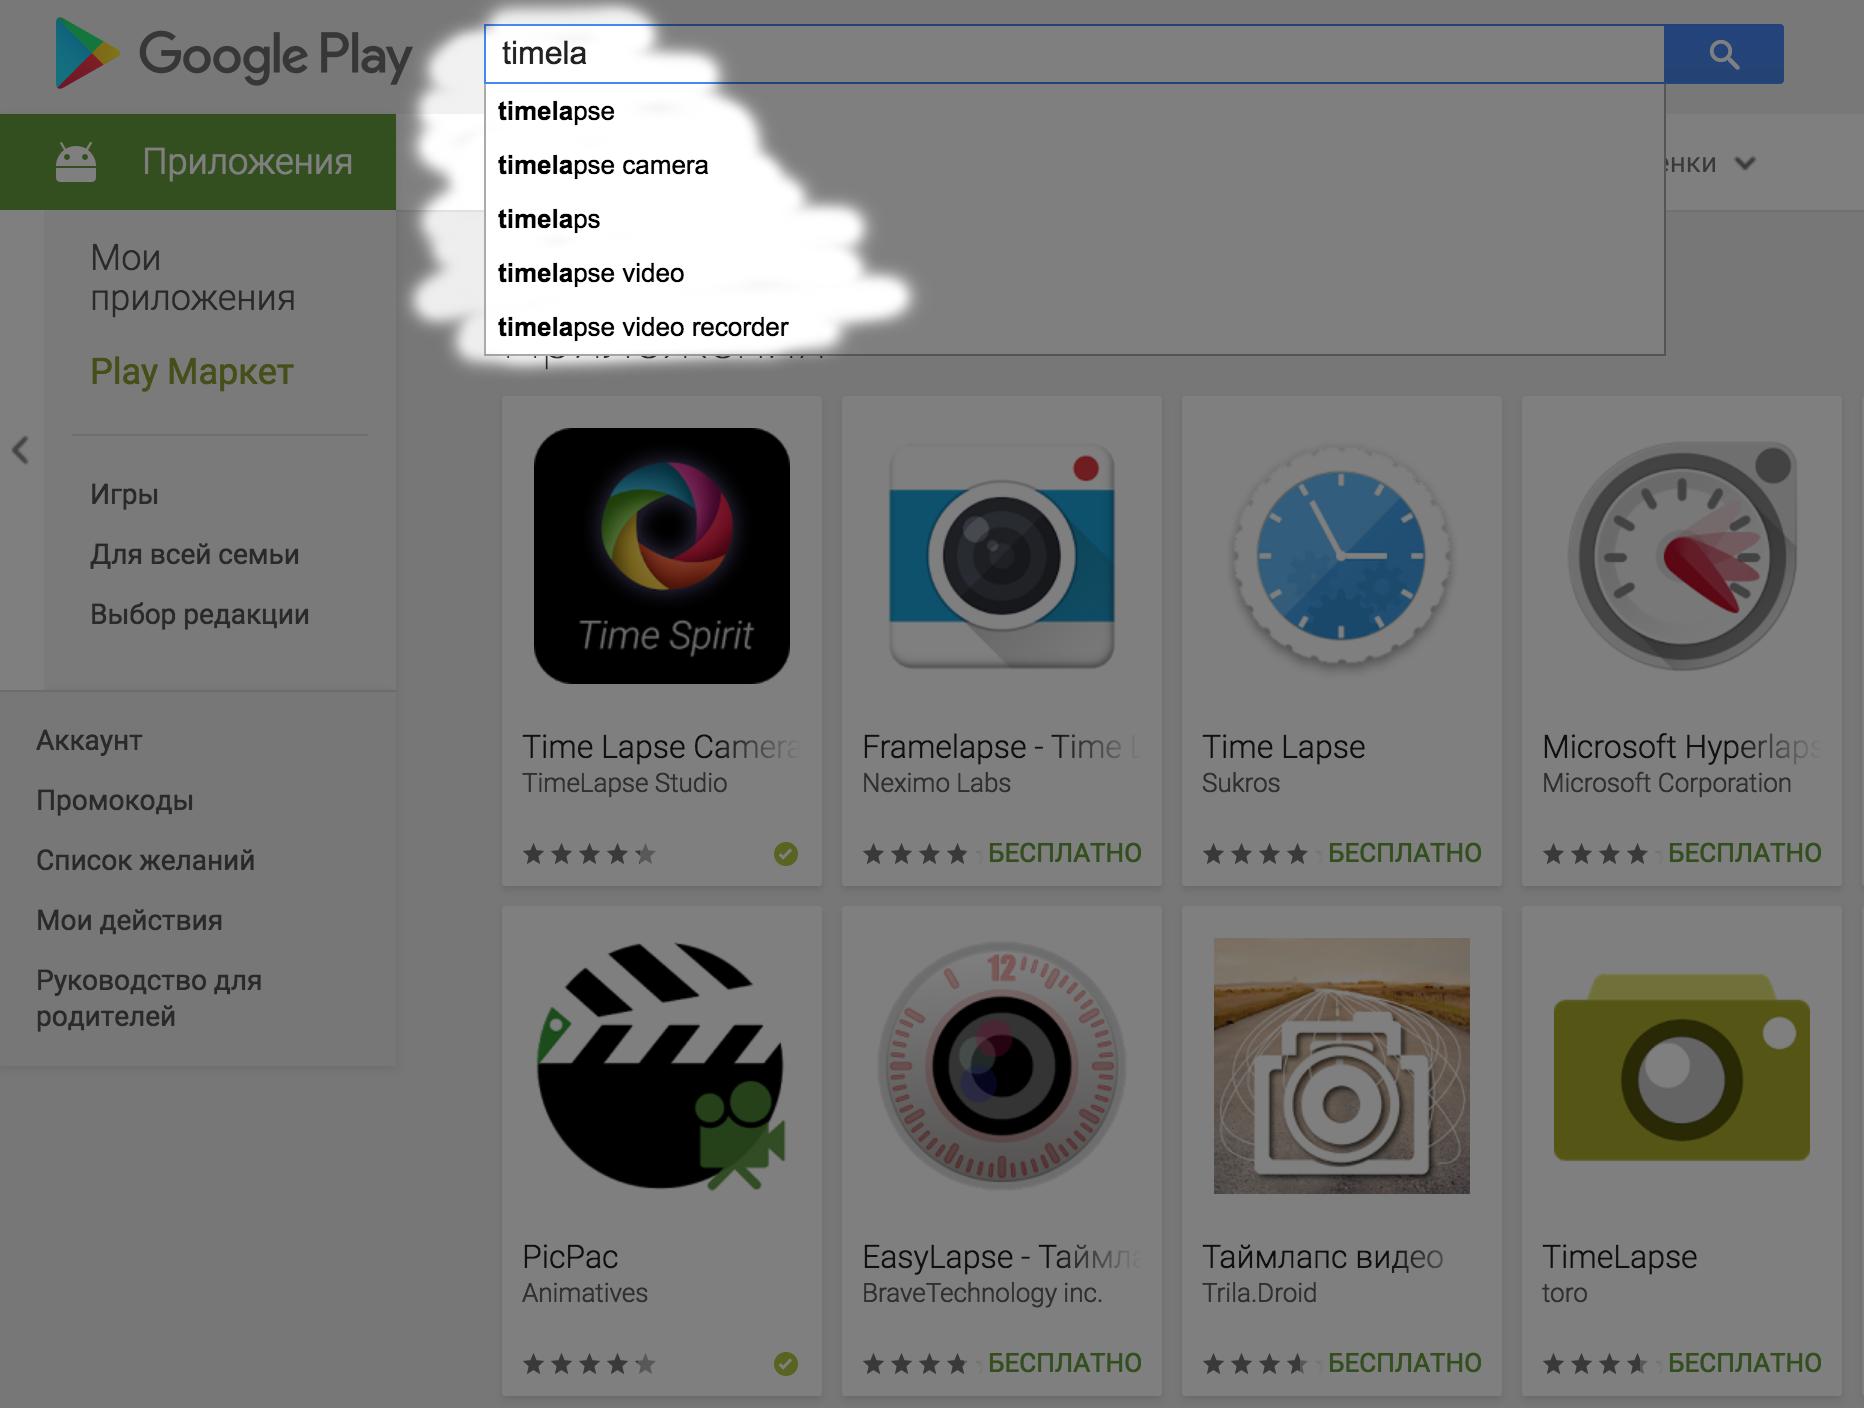 Выявление популярных ключевых слов в Google Play